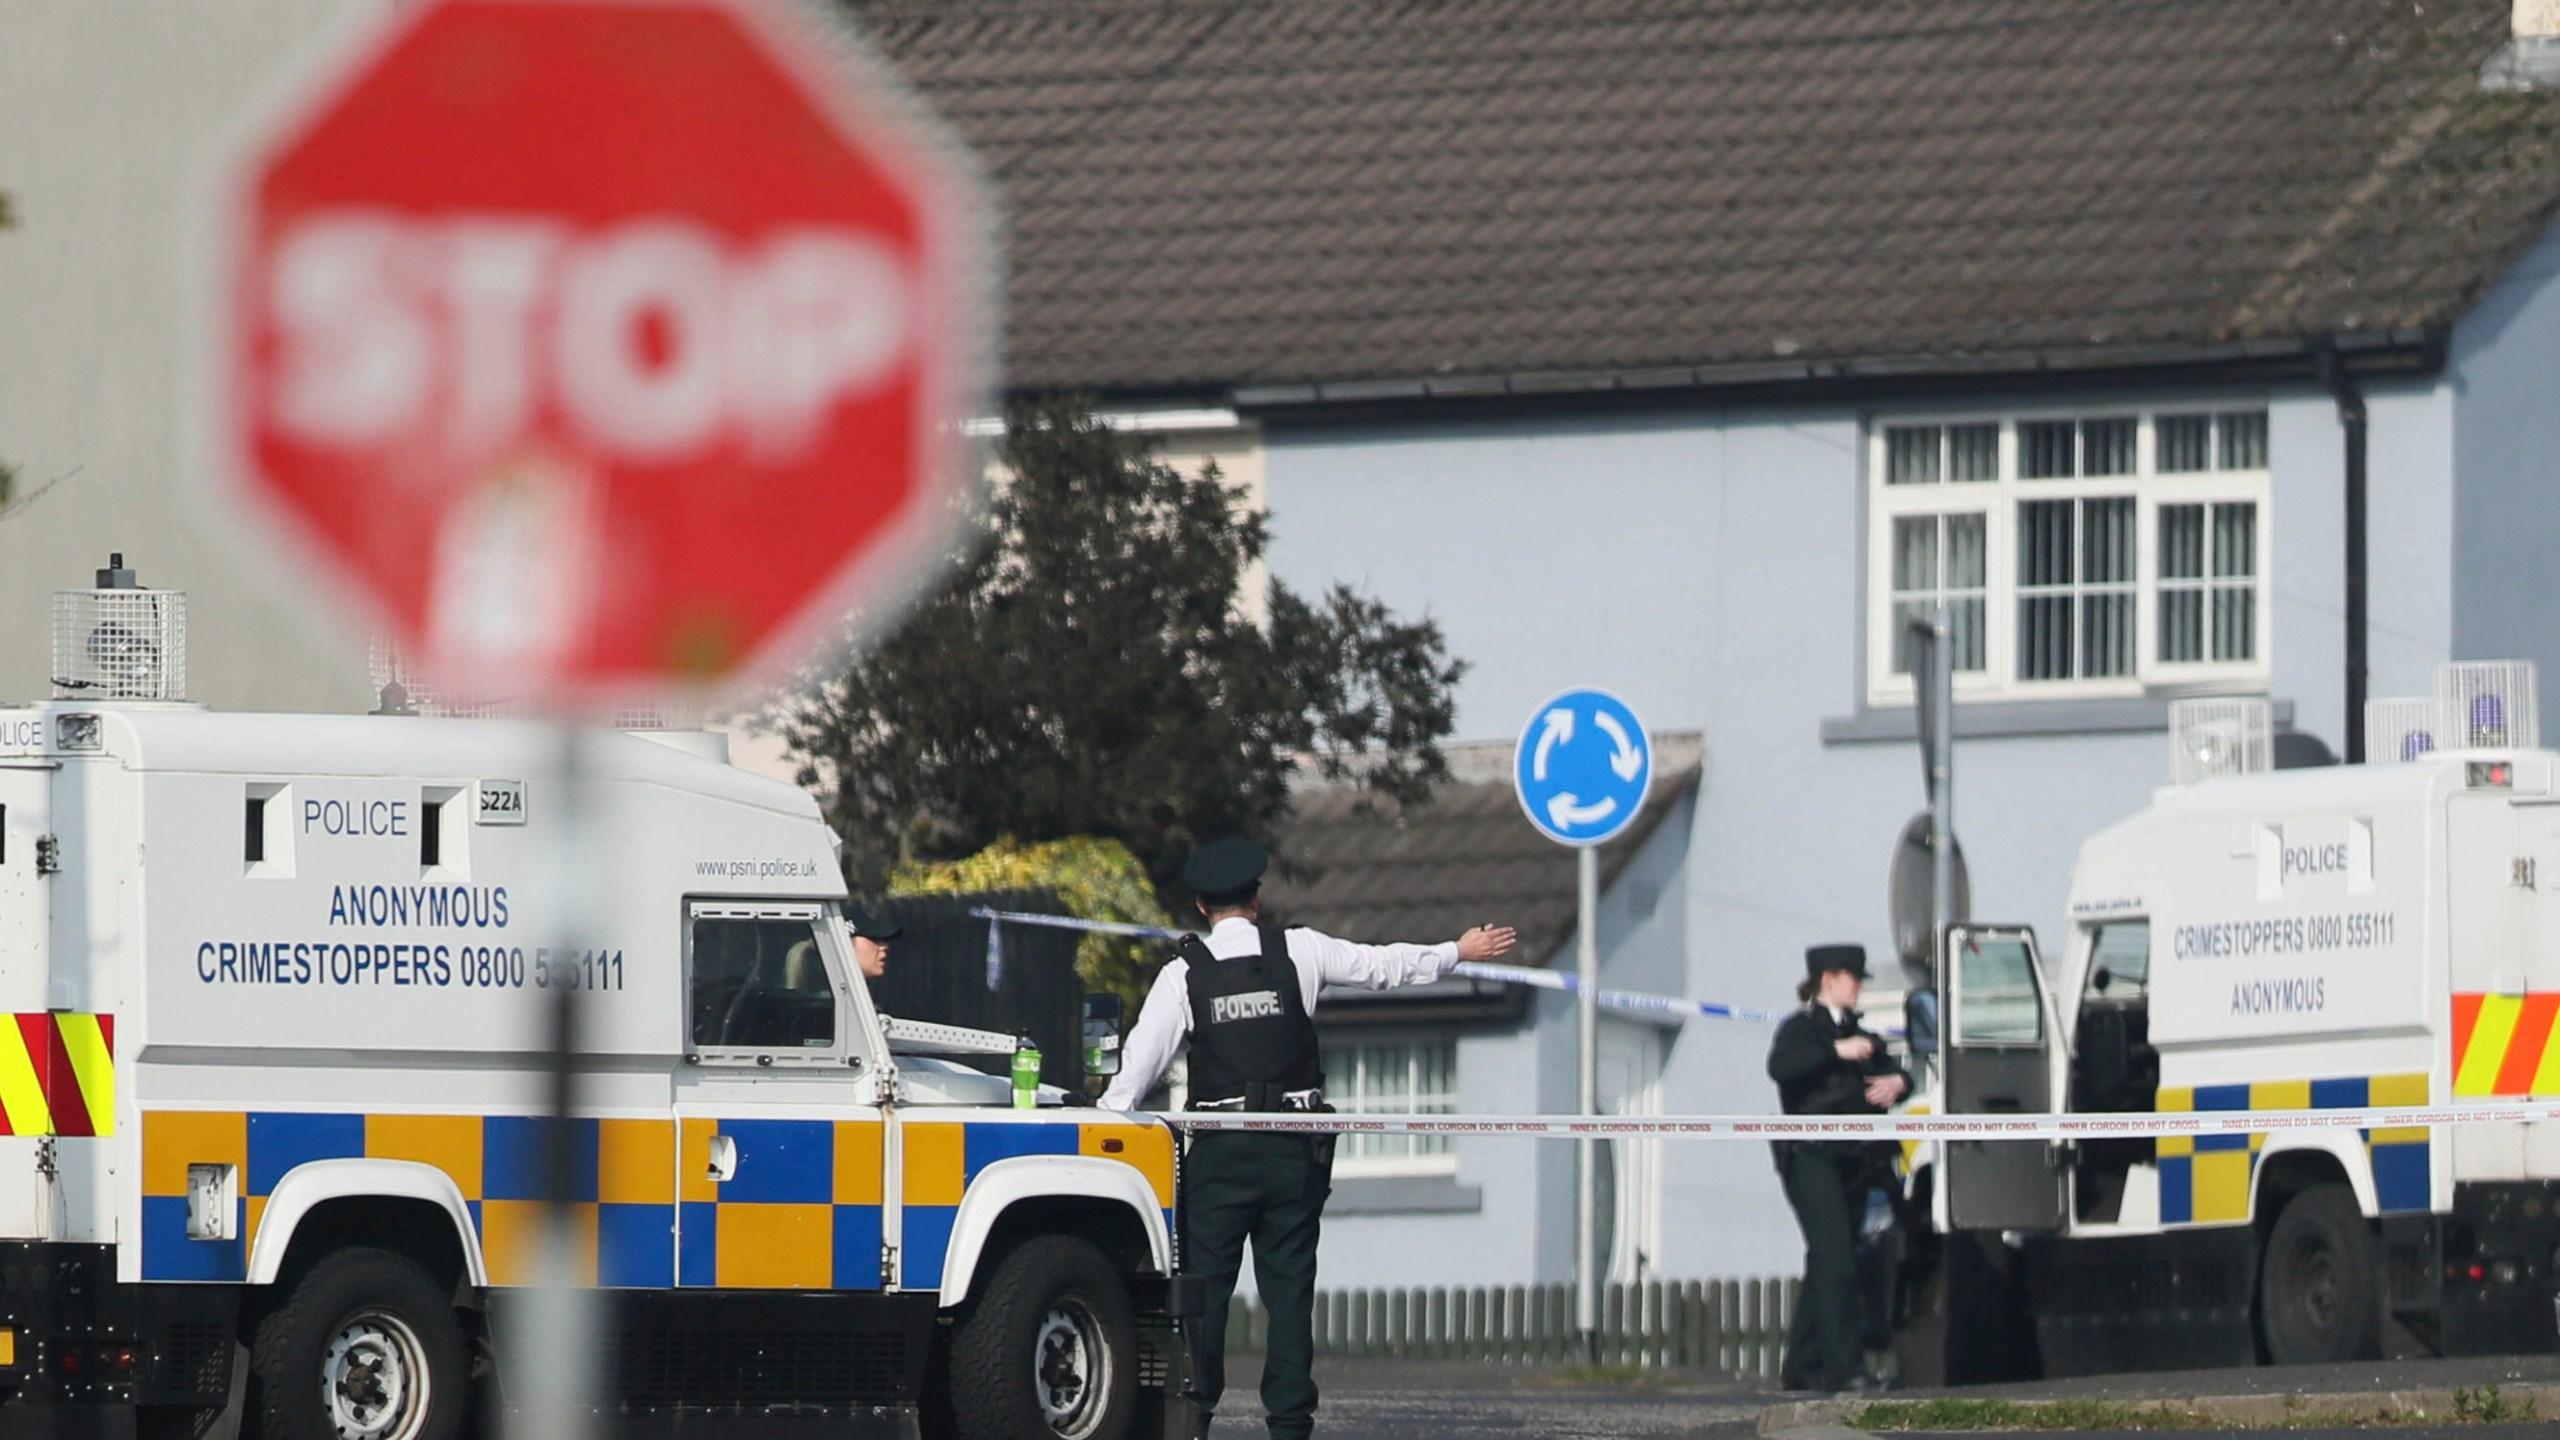 Britain_Northern_Ireland_Journalist_Killed_69708-159532.jpg58581699